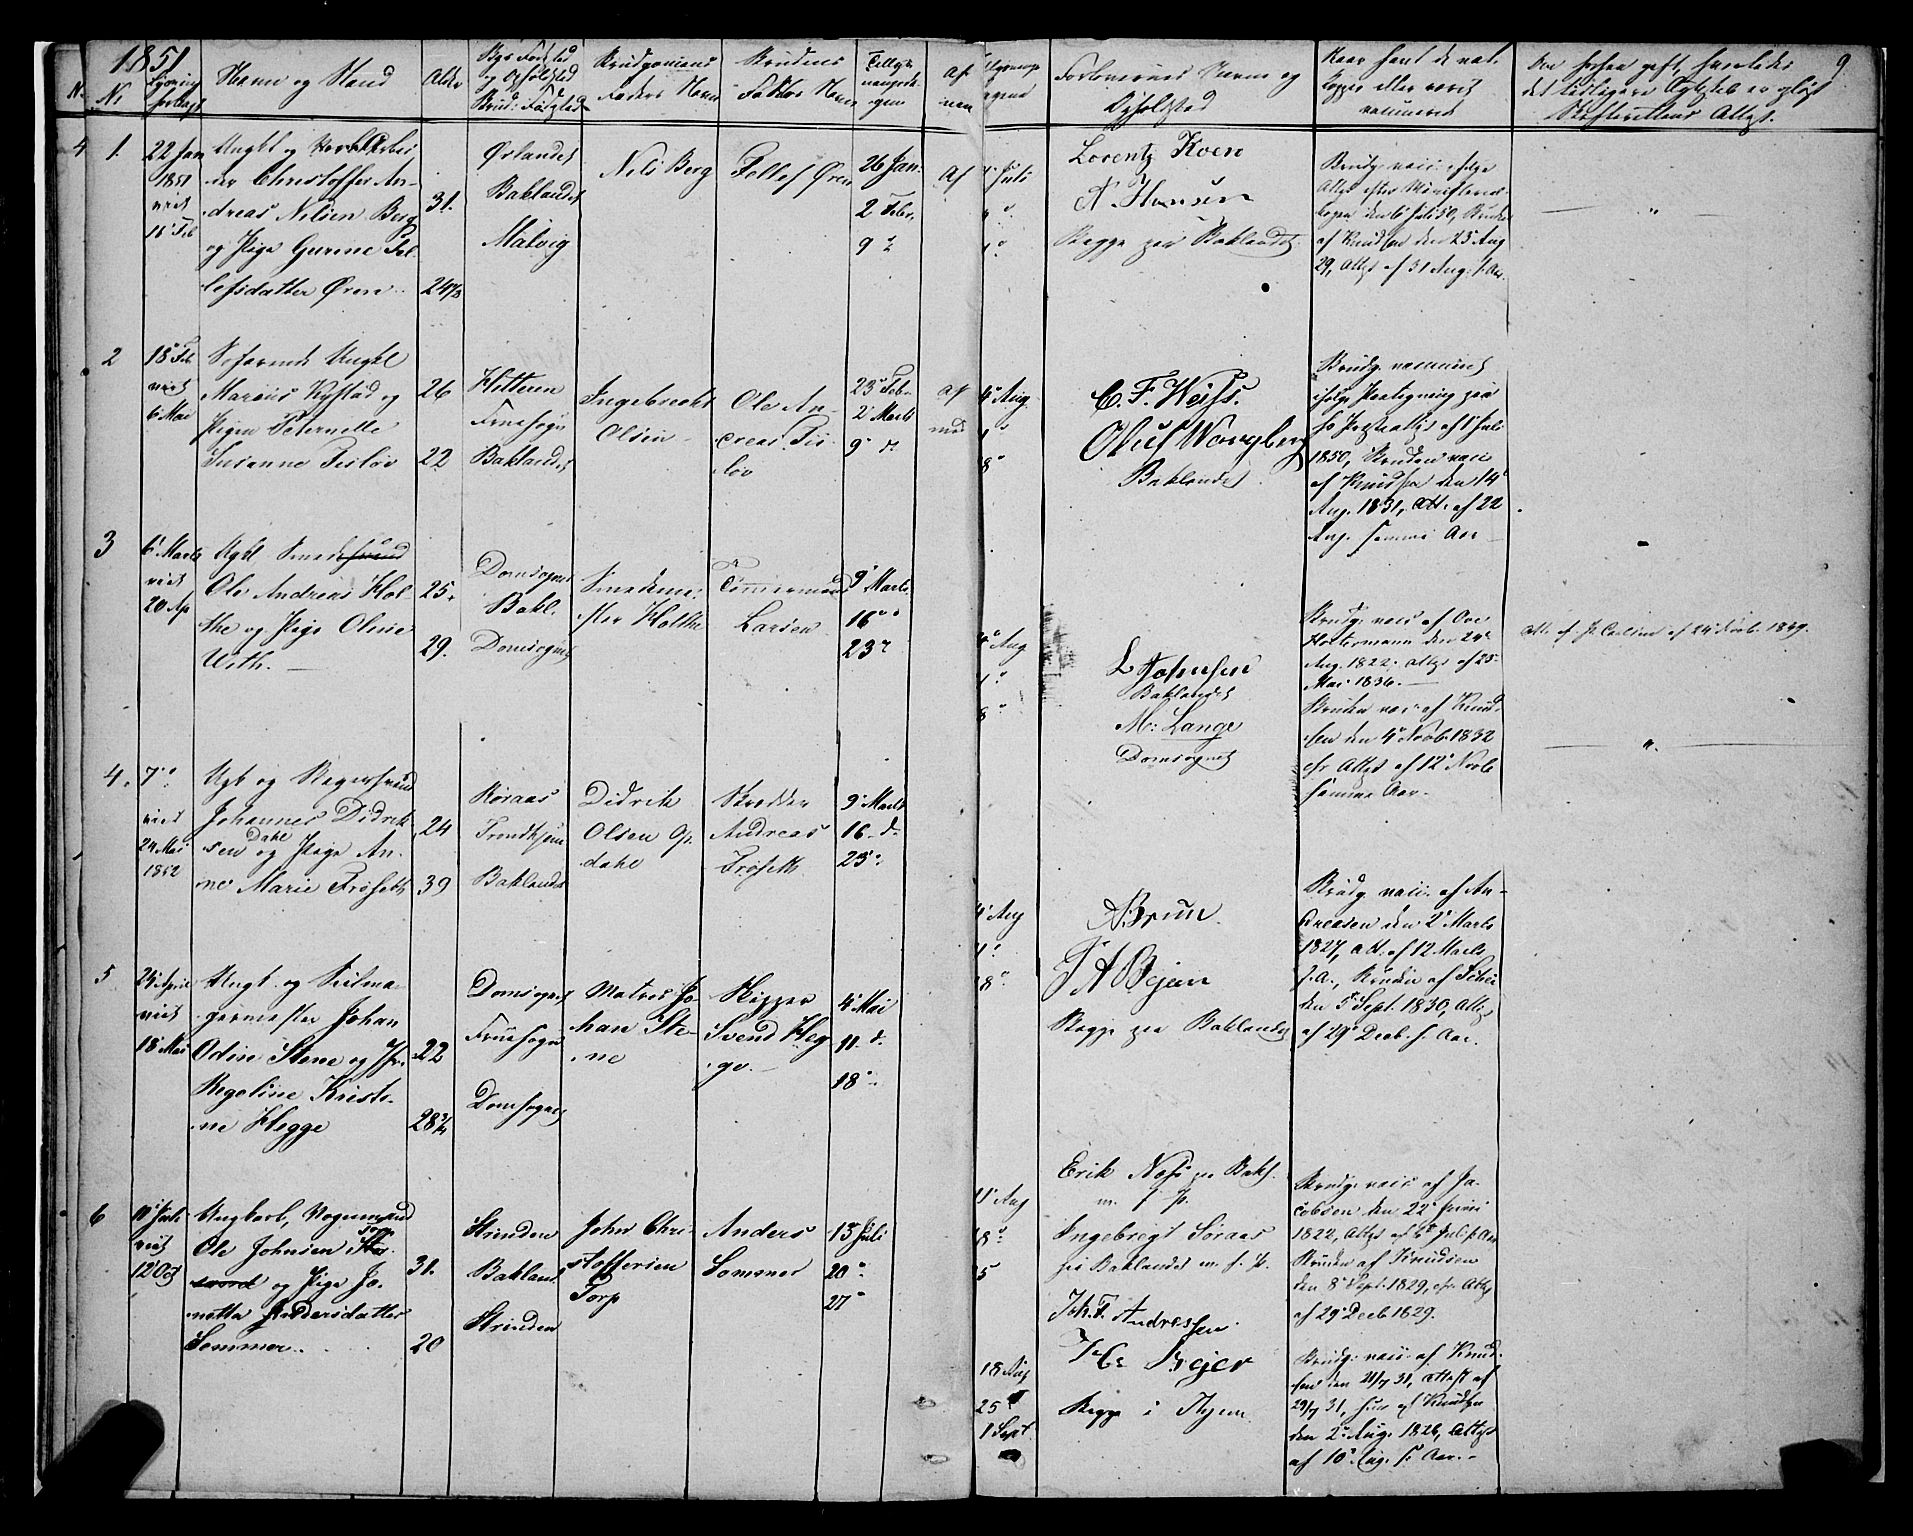 SAT, Ministerialprotokoller, klokkerbøker og fødselsregistre - Sør-Trøndelag, 604/L0187: Ministerialbok nr. 604A08, 1847-1878, s. 9